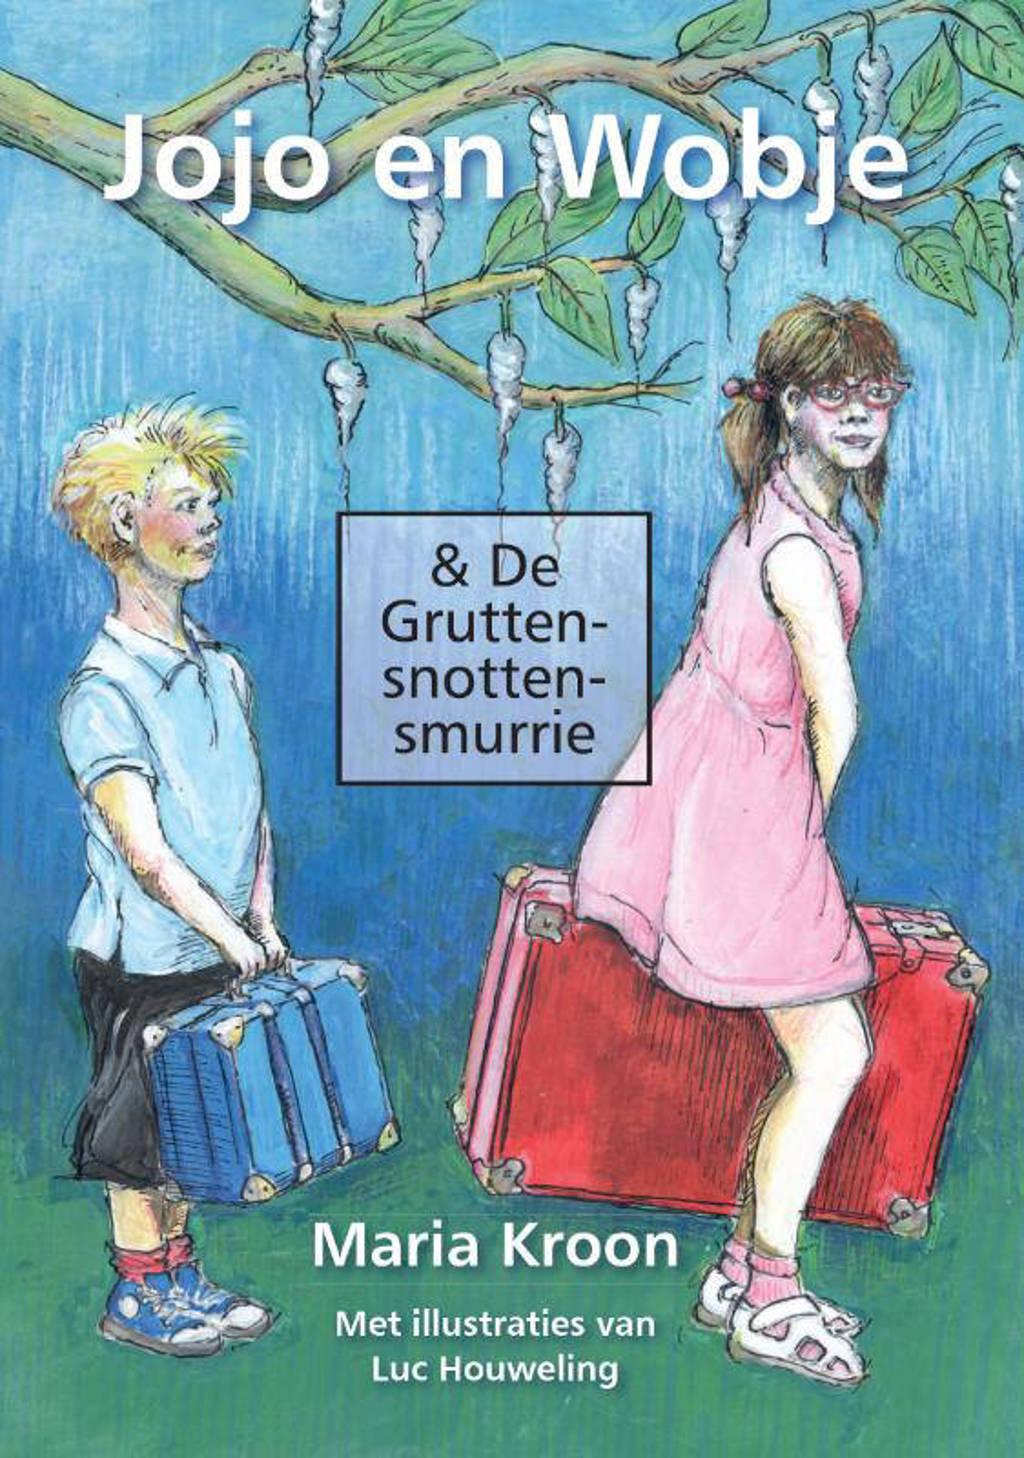 Jojo en Wobje & De Gruttensnottensmurrie - M. Kroon